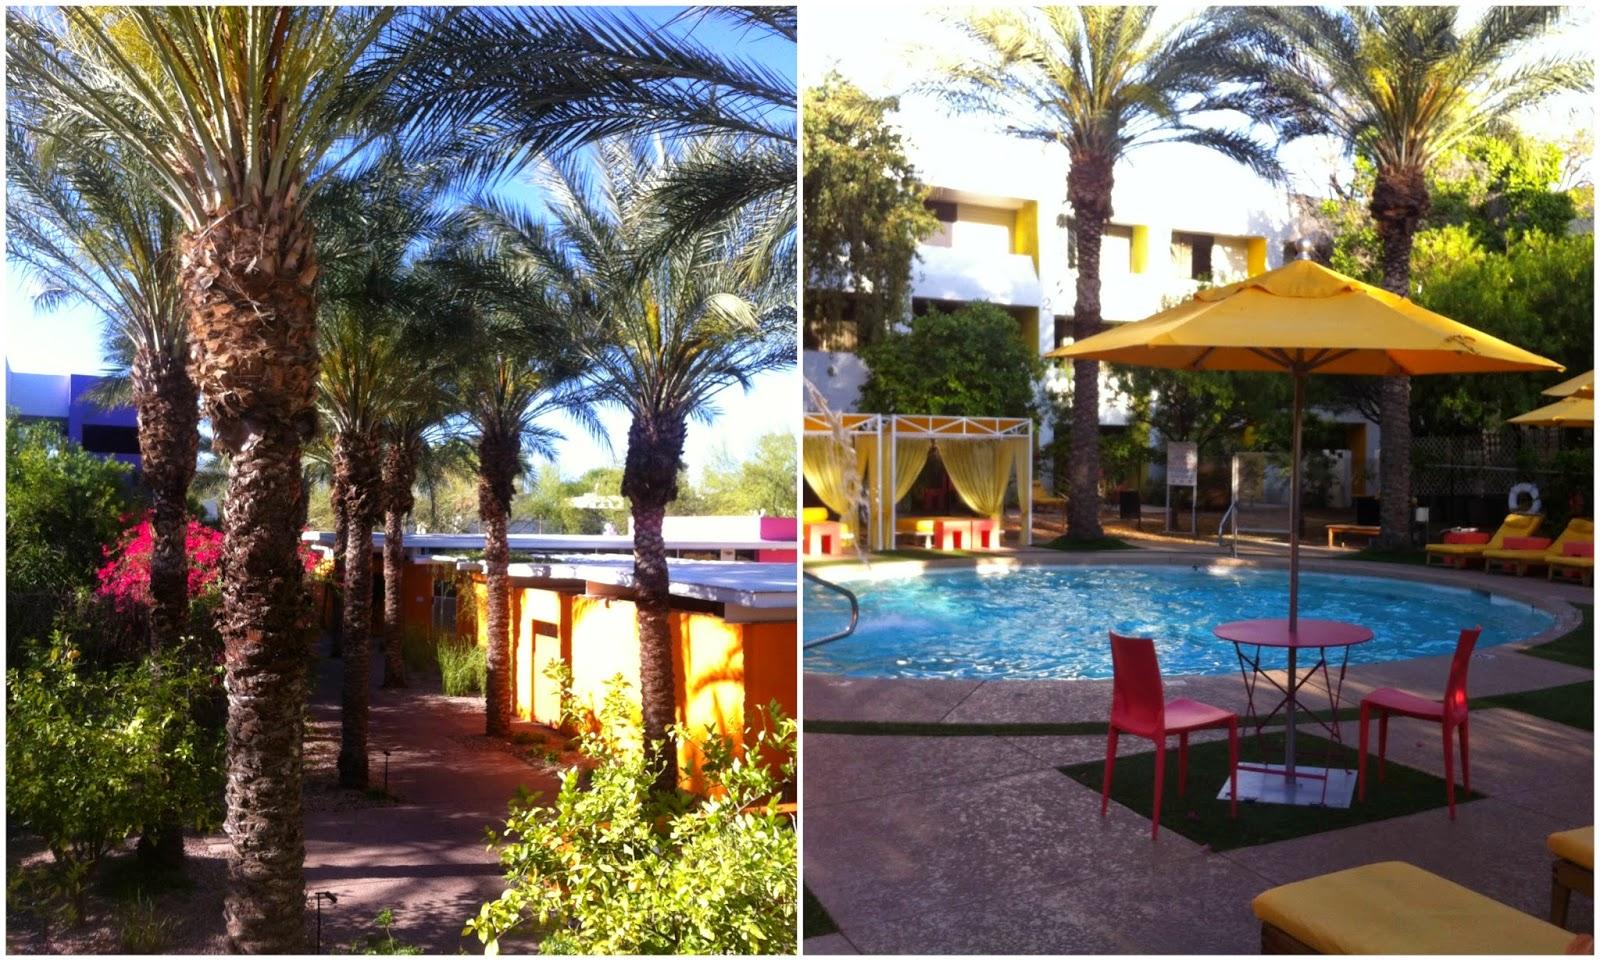 The Saguaro Hotel Scottsdale Arizona